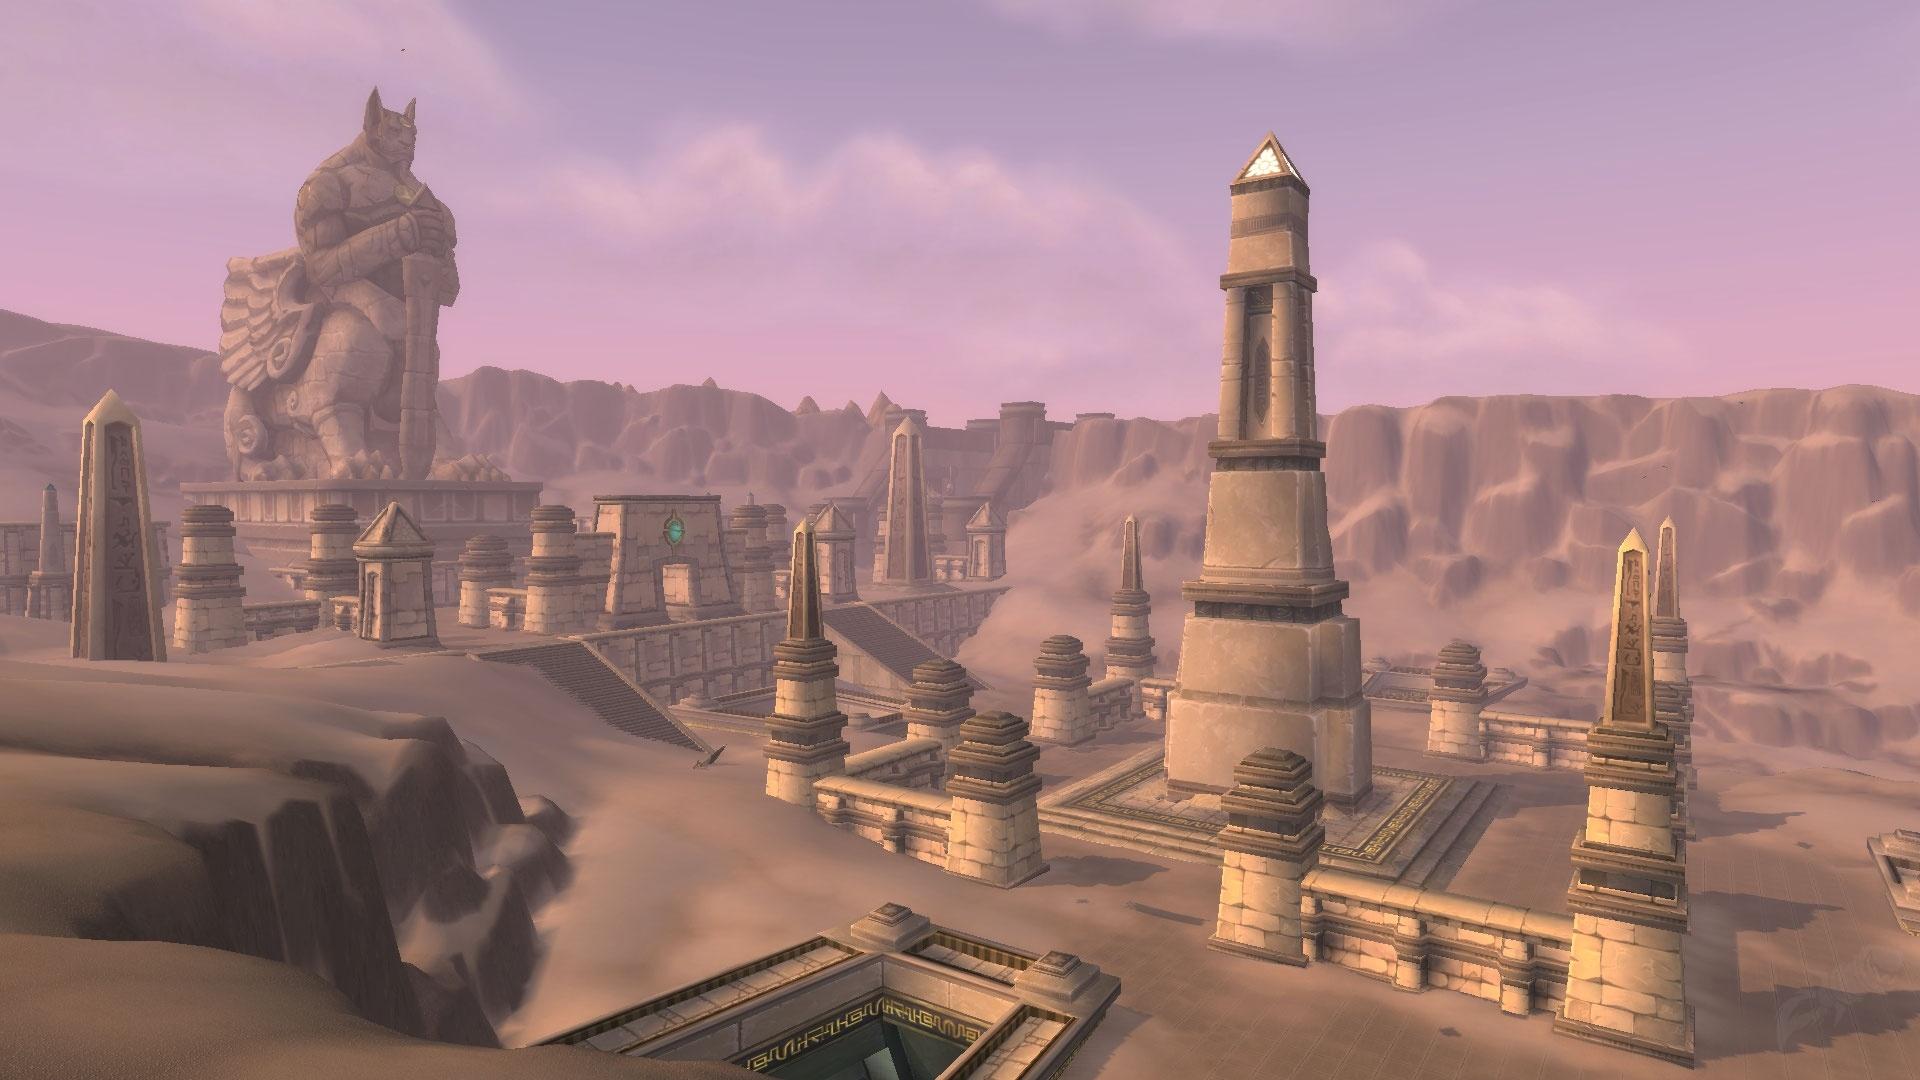 Uldum Zone World Of Warcraft